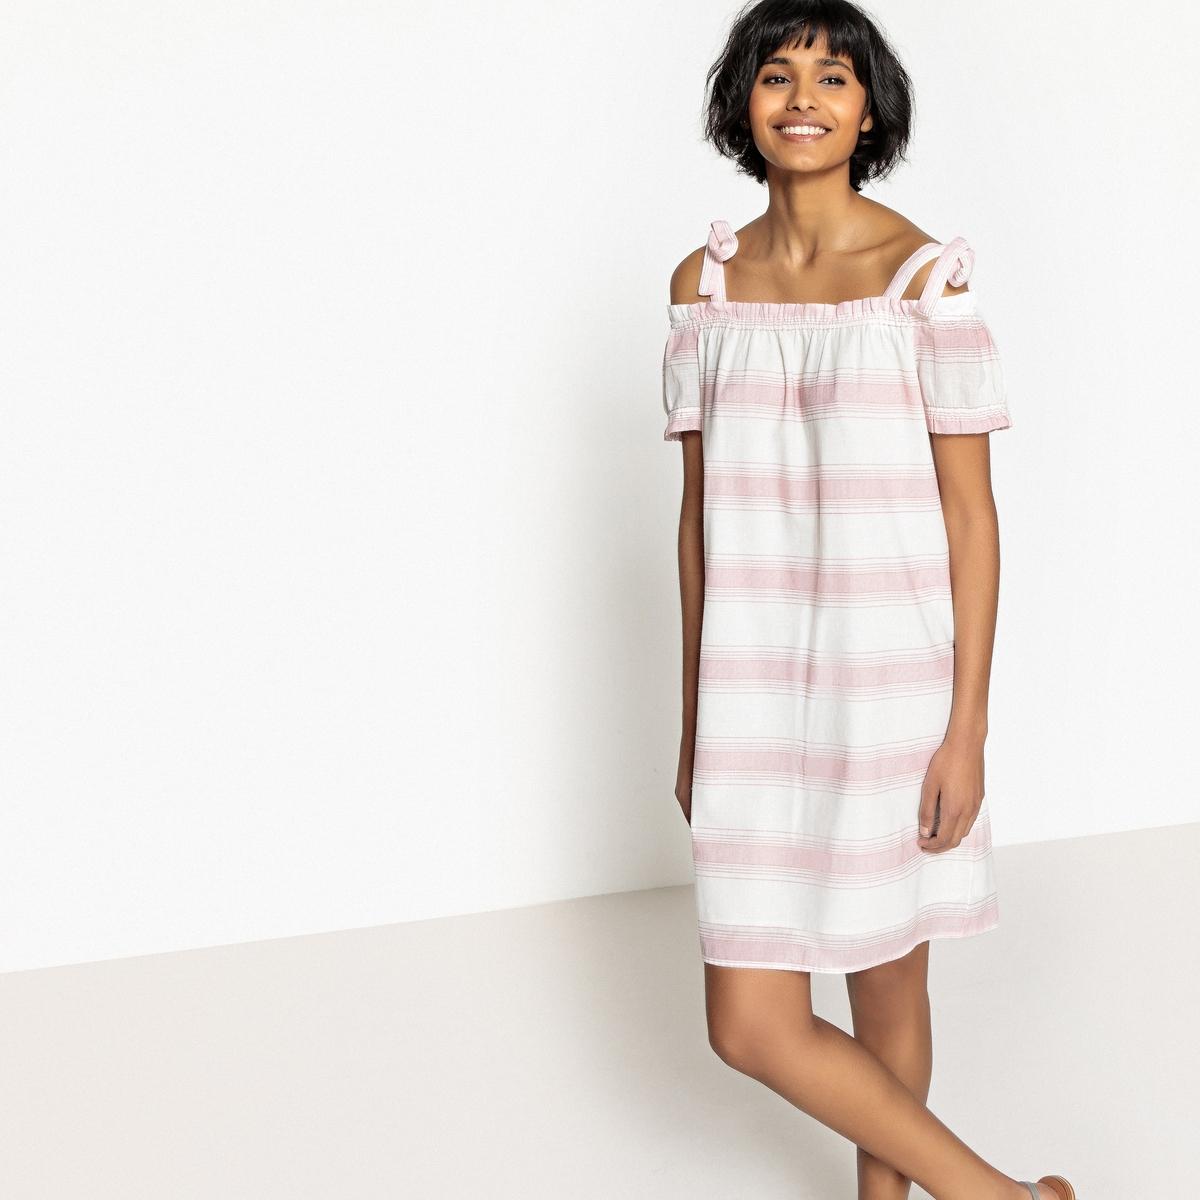 Платье прямое средней длины с рисунком, без рукавов